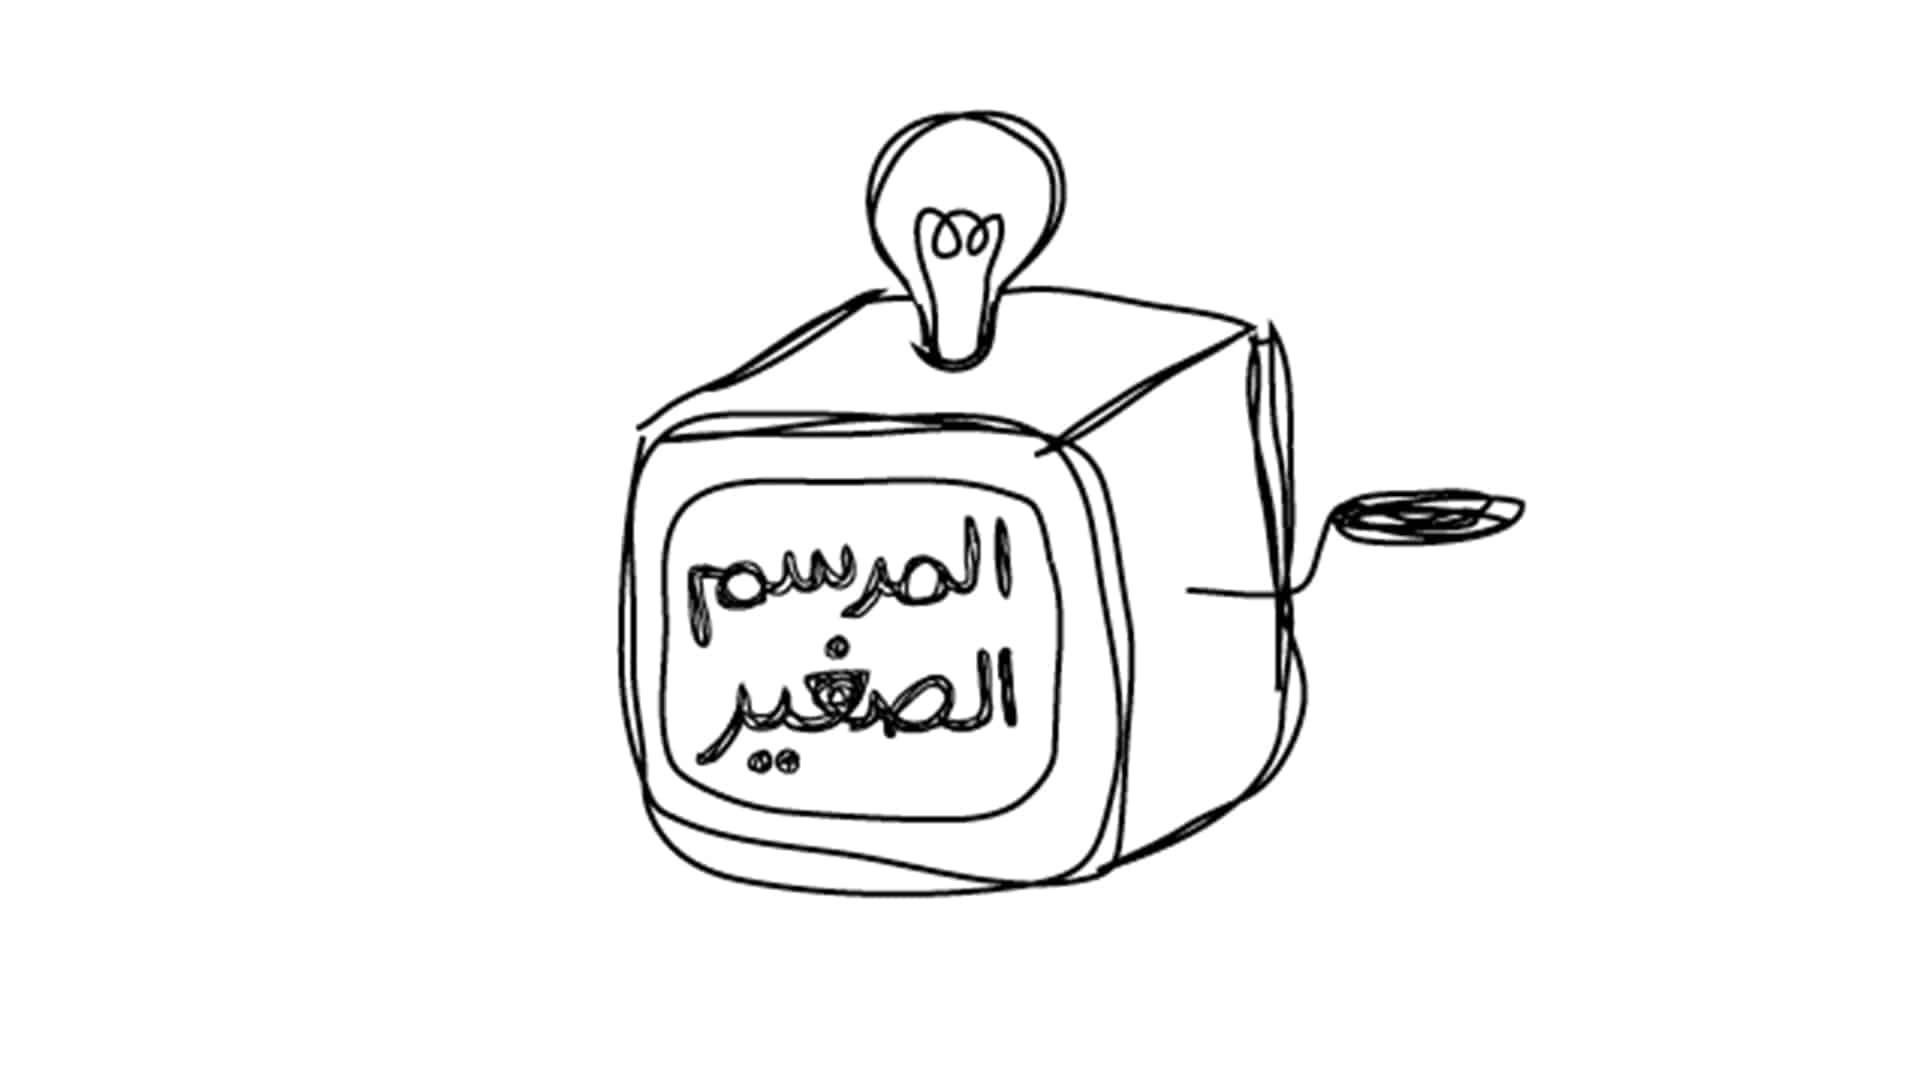 2 1 المرسم الصغير logo